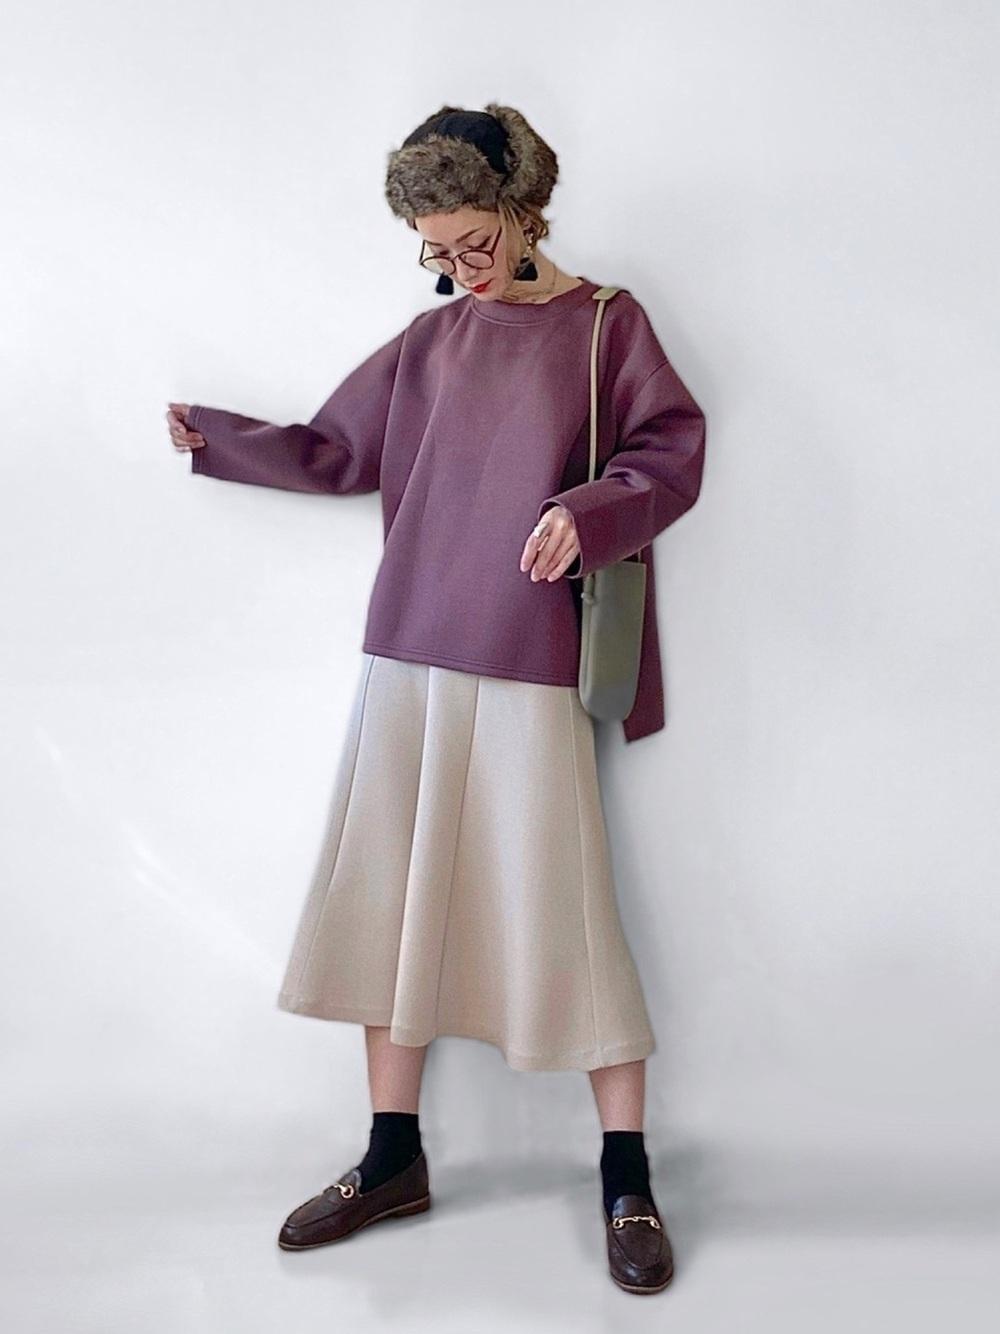 紫のプルオーバーにベージュのスカートのコーデ